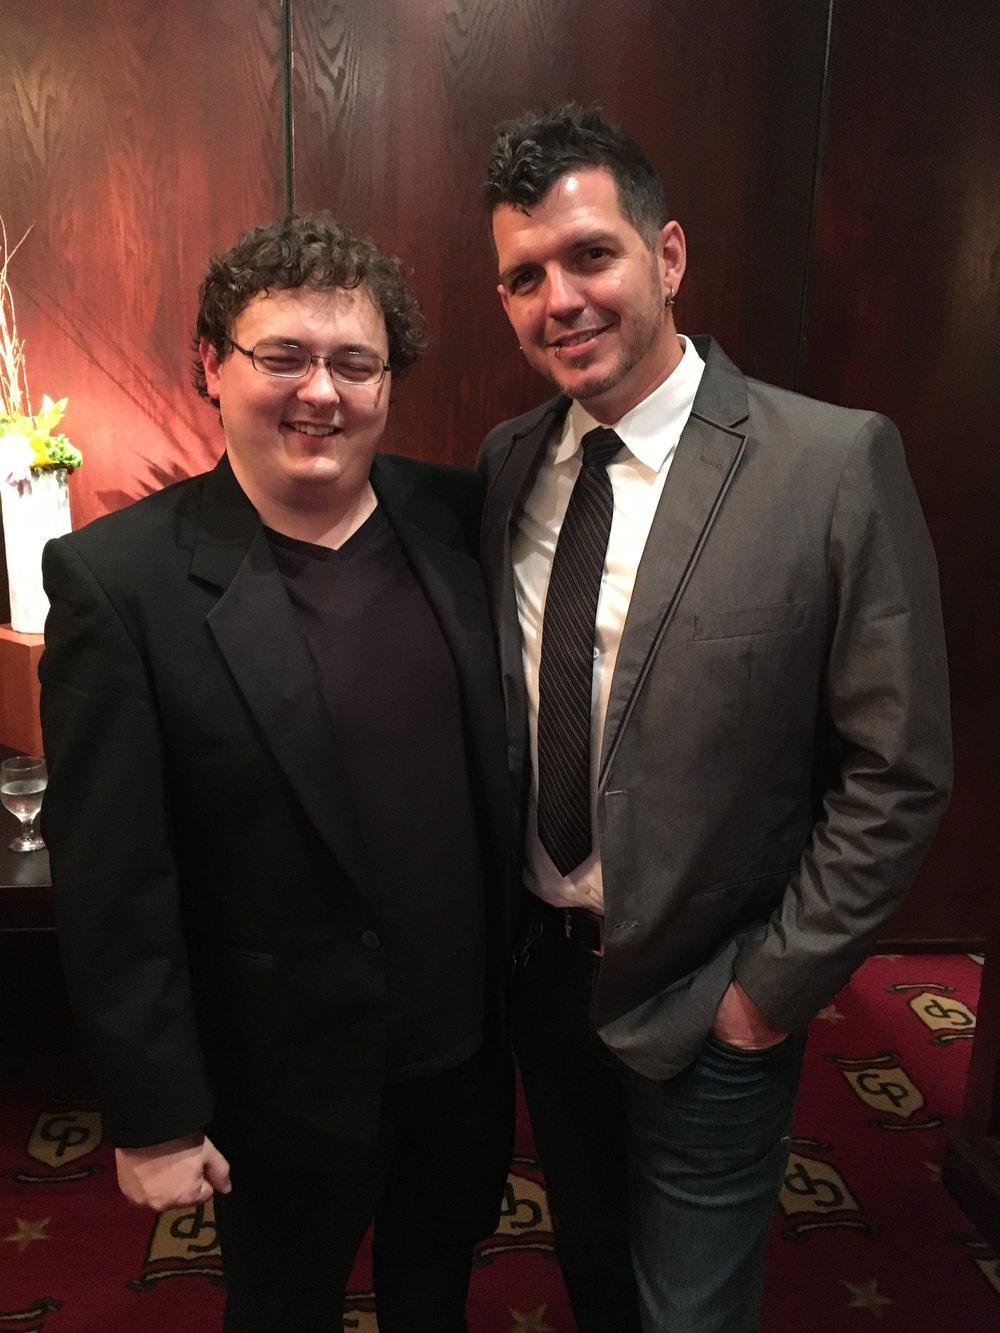 Me & Ethan Popp